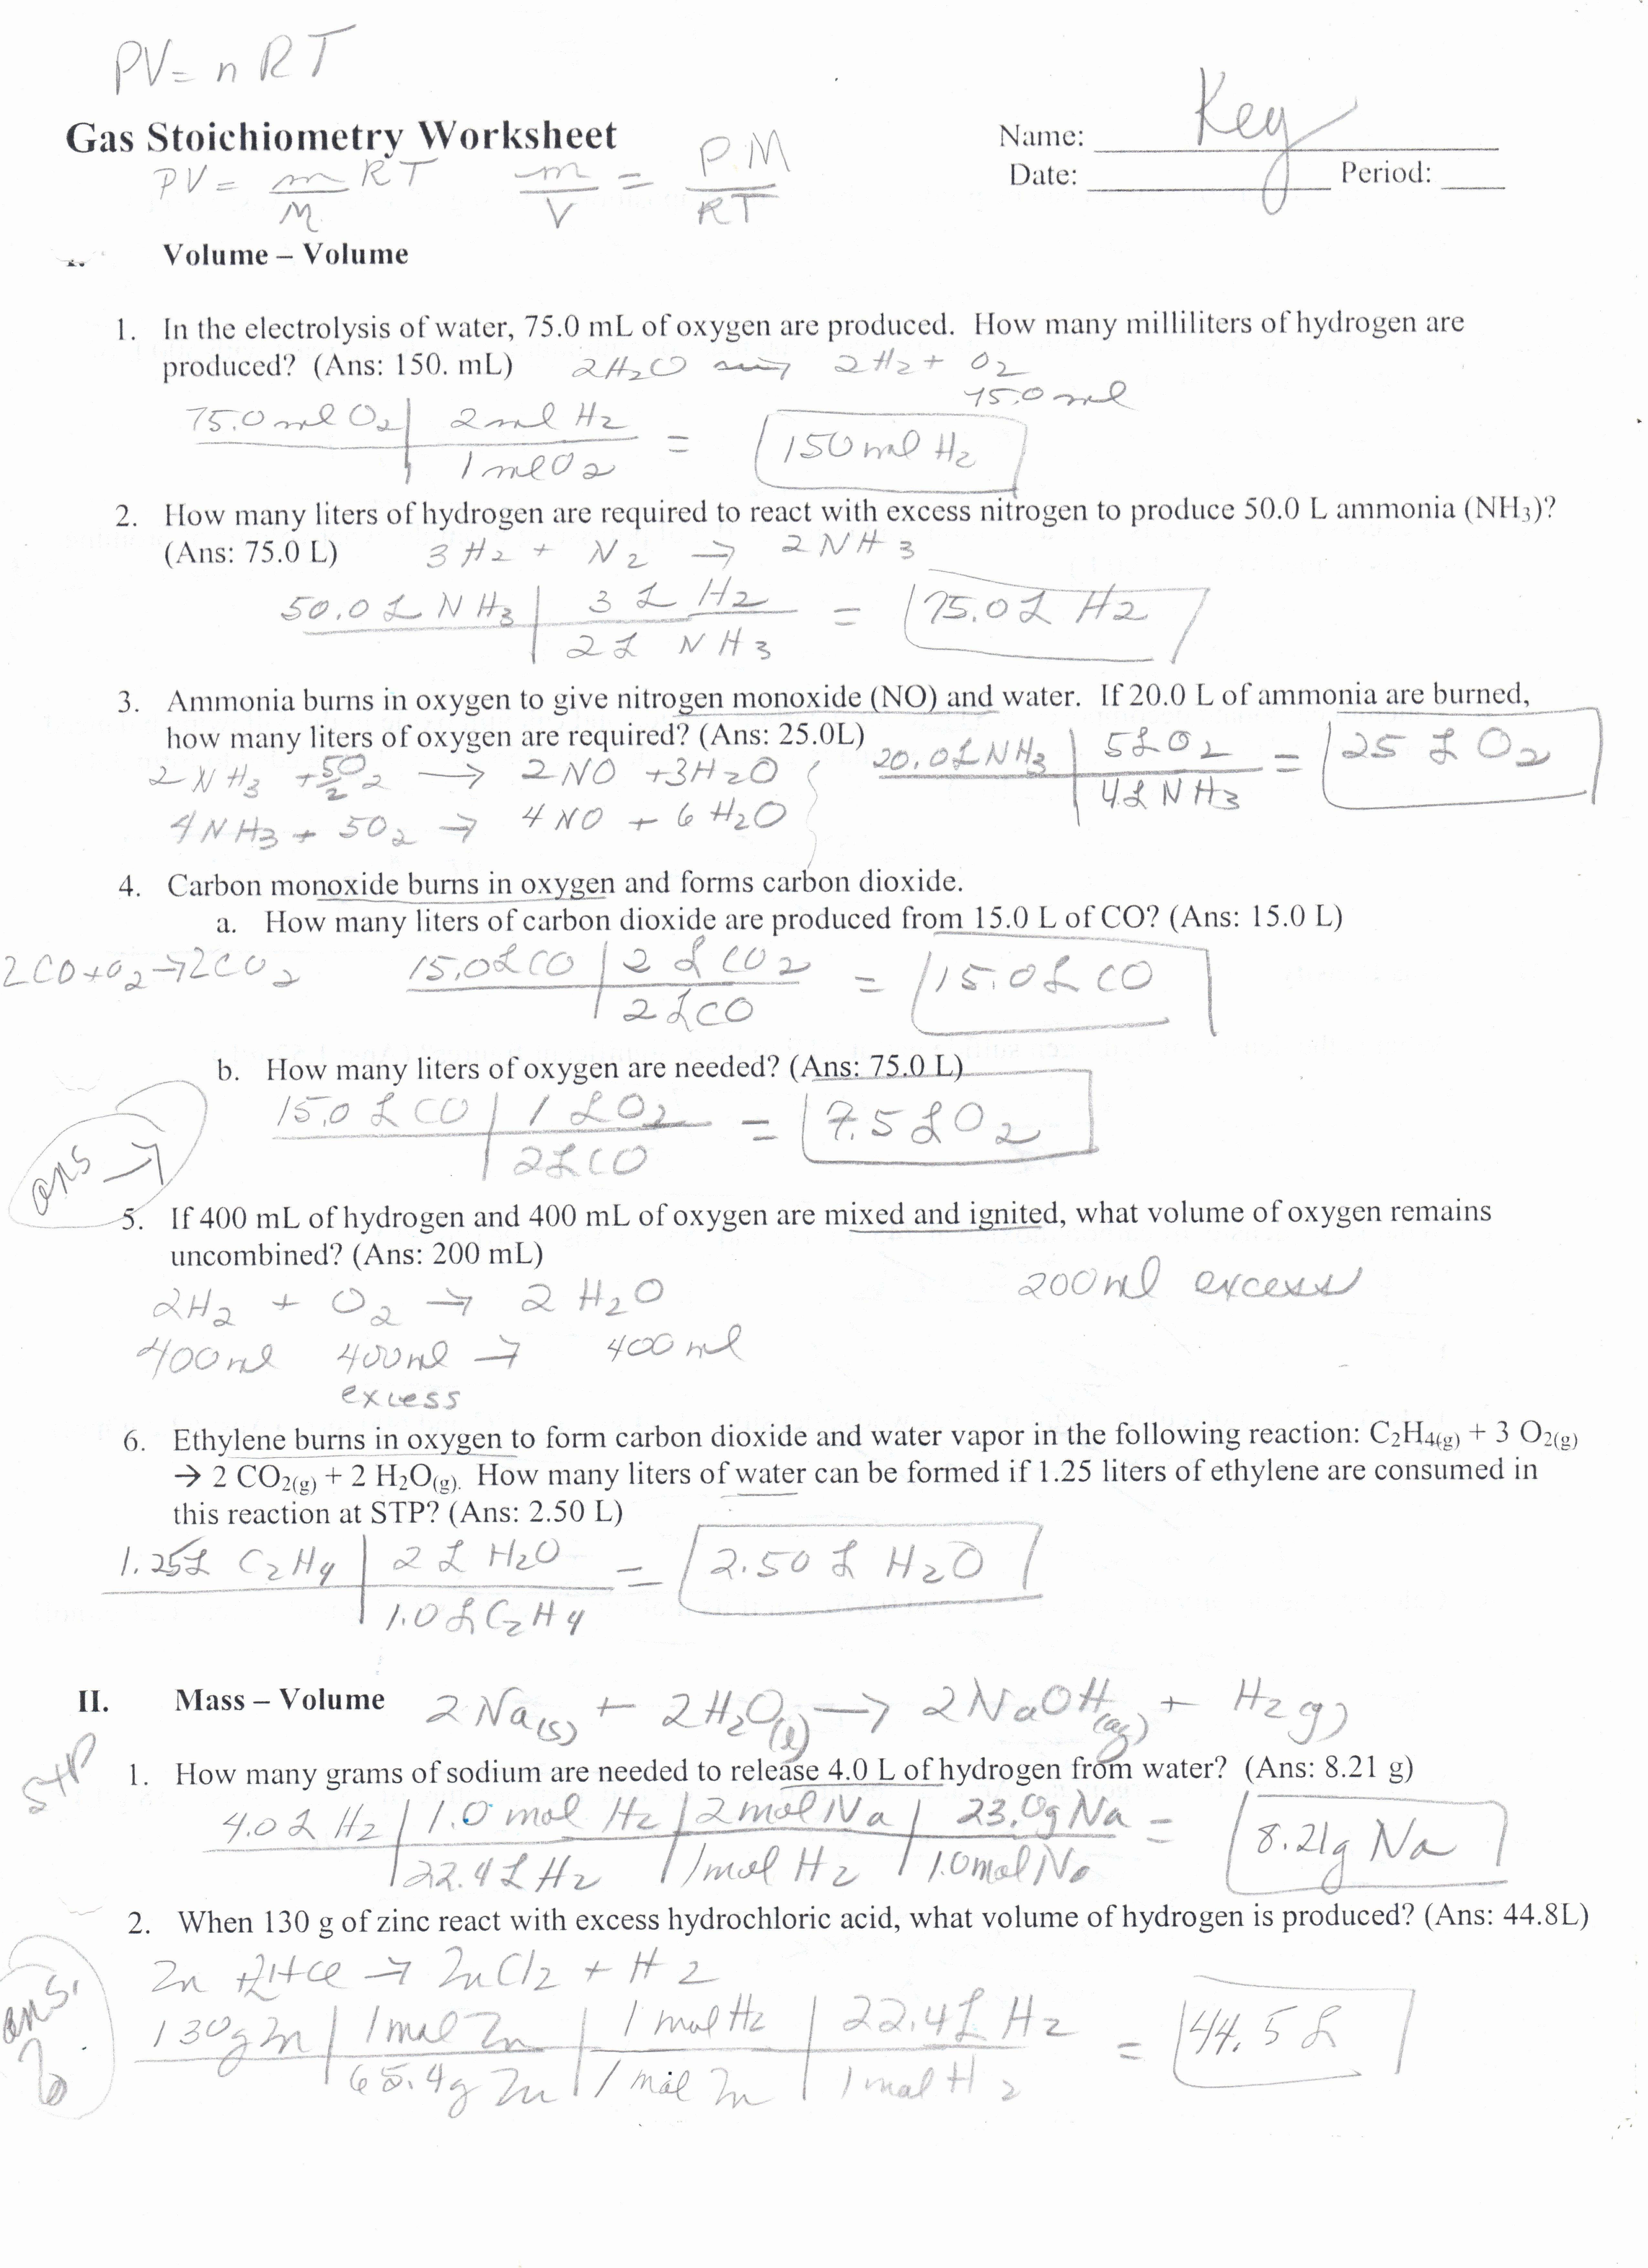 Molarity Worksheet Answer Key Lovely Worksheet Molarity Worksheet with Answers Grass Fedjp